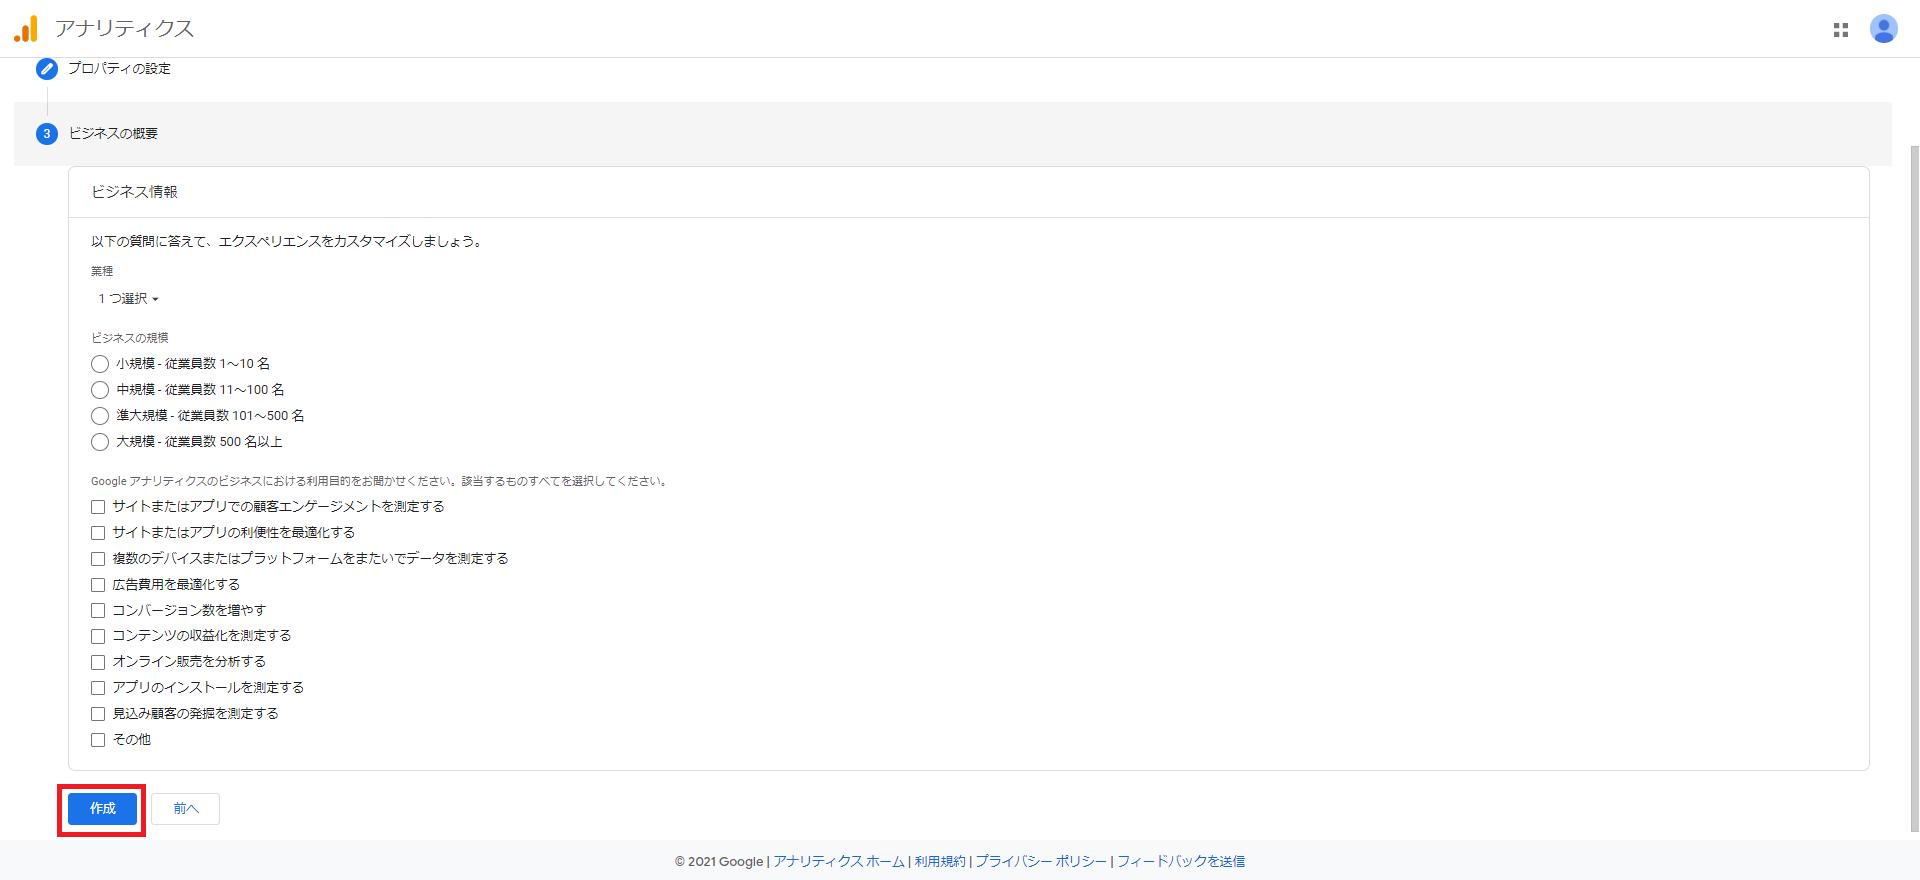 Googleアナリティクス ビジネスの概要 ビジネス情報